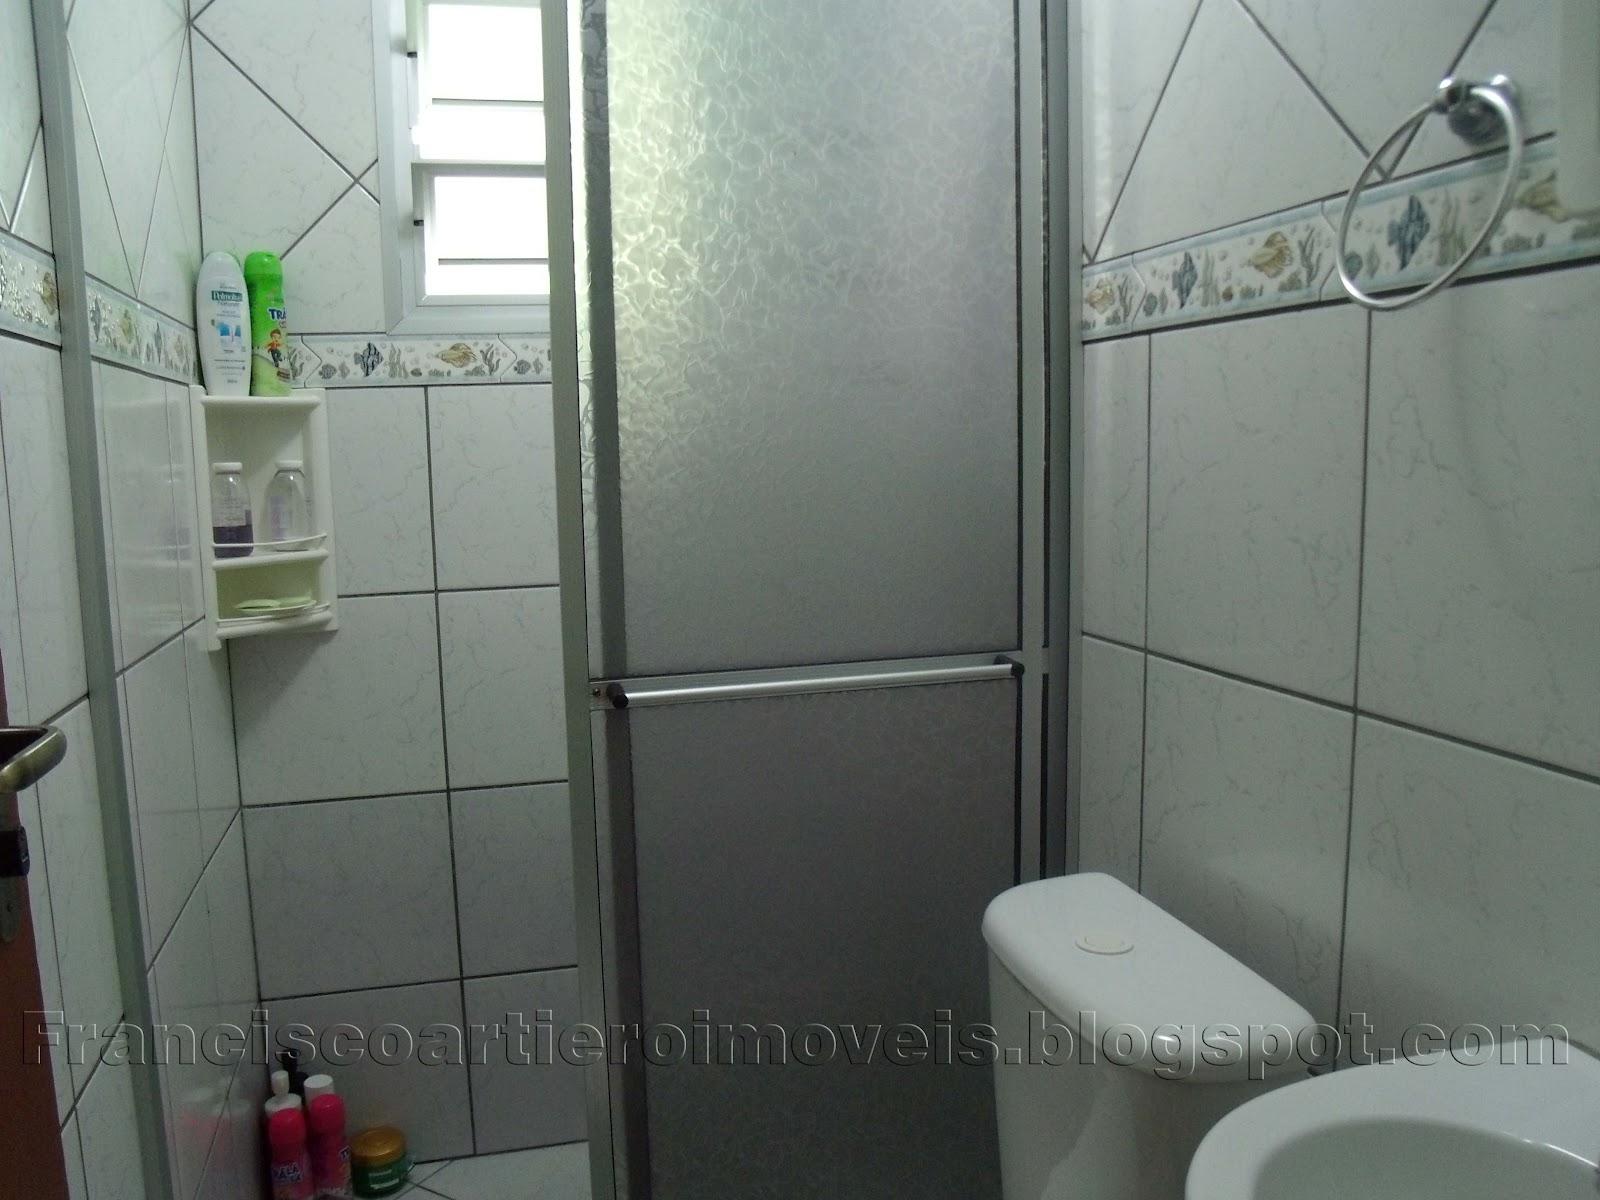 Artiero Imóveis: Vendo casa 2 dormitórios e edícula no Loteamento  #5E323A 1600x1200 Armario De Banheiro Em Espanhol